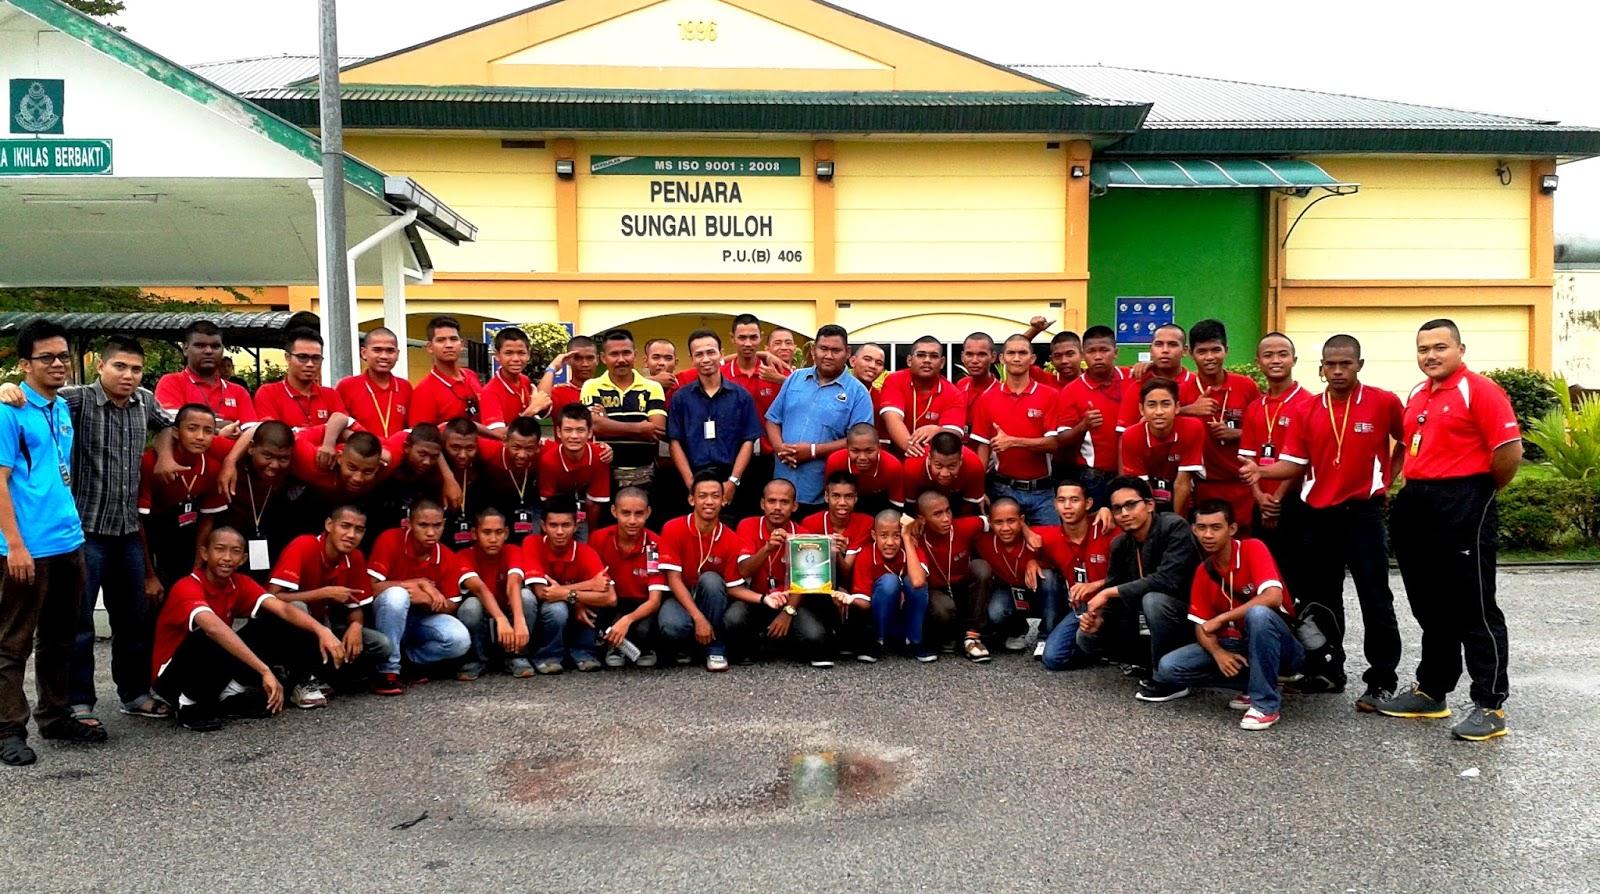 Konsep Penjara Sejahtera, Jabatan Penjara Malaysia, Hubungan pemulihan banduan dan peranan masyarakat